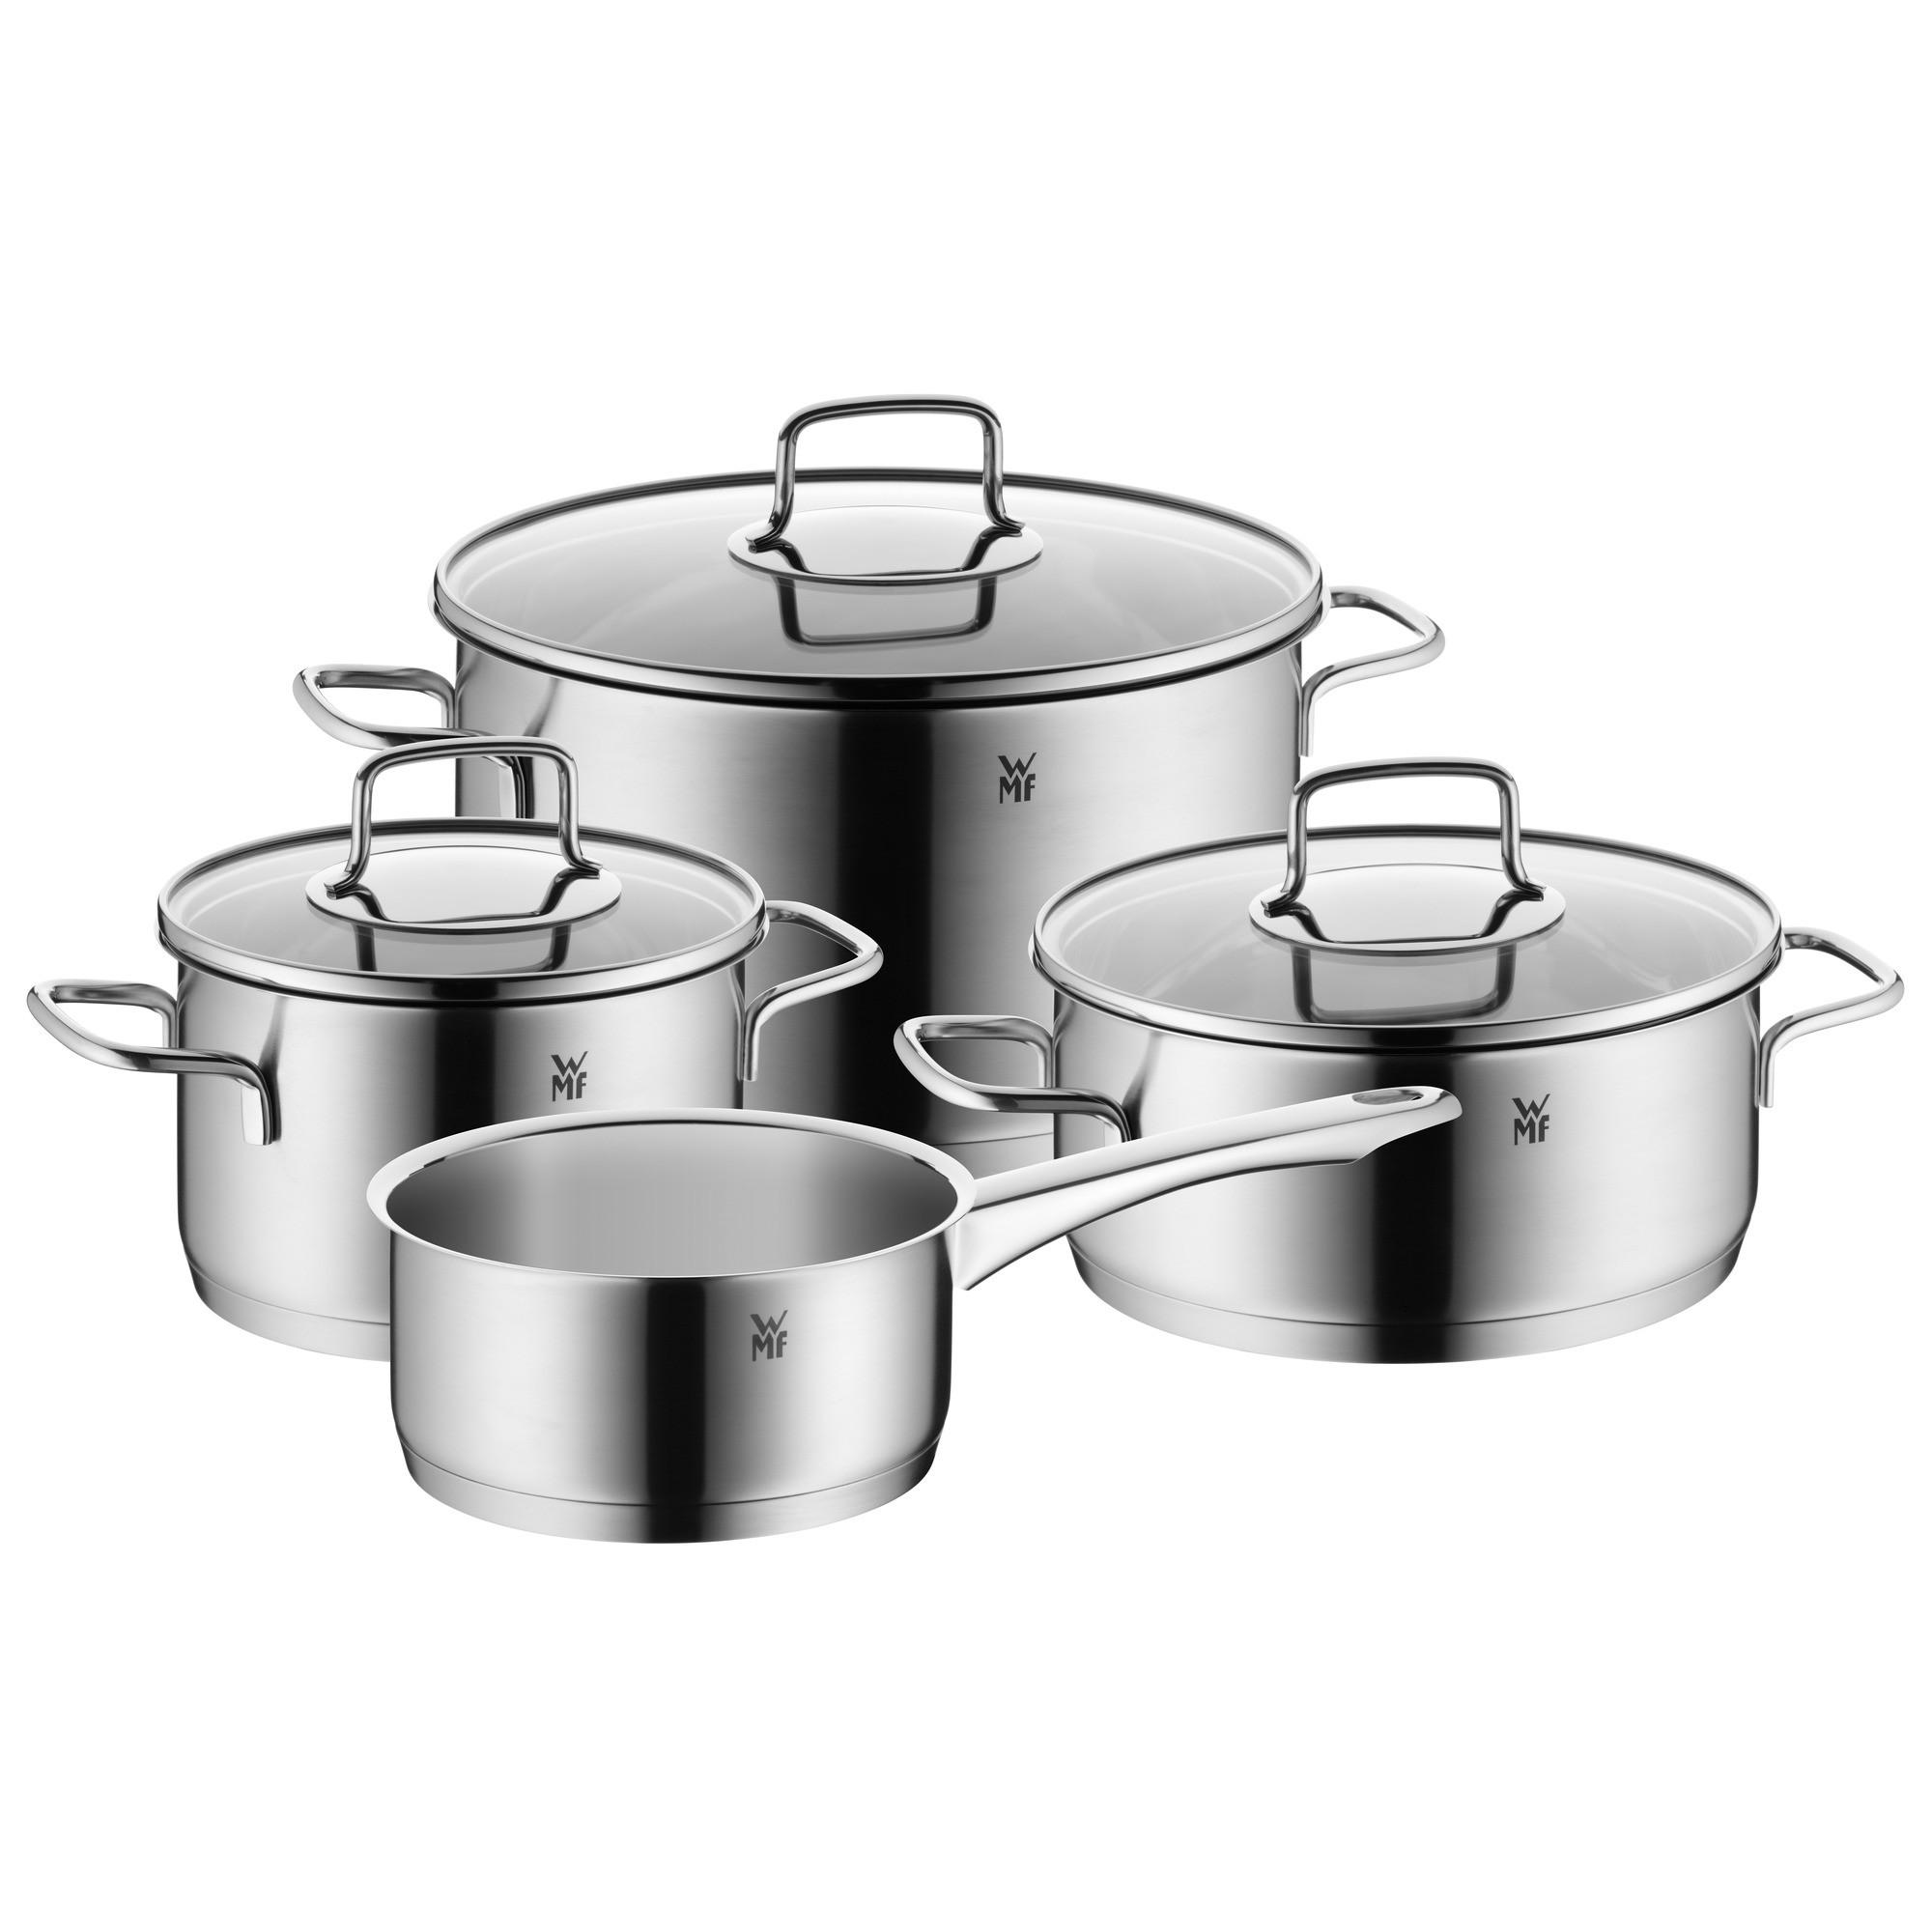 Batería cocina 4 piezas Merano